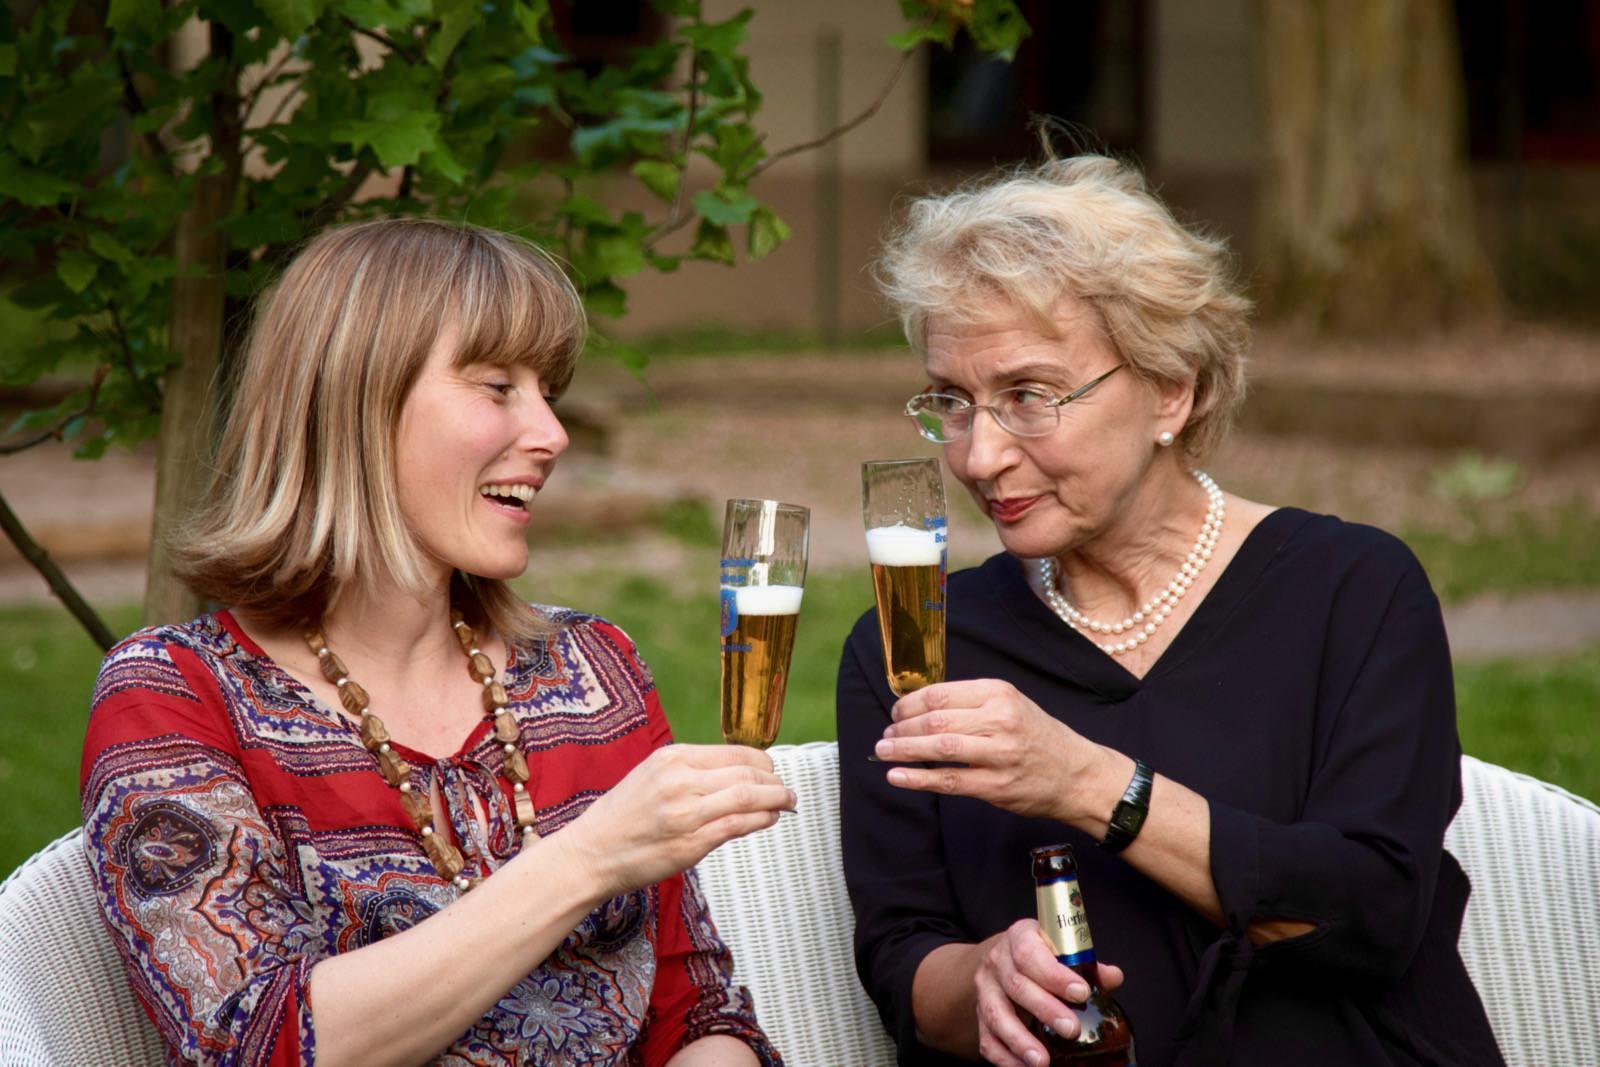 Unsere Autorin Christin traf sich zum Klönschnack mit Christiane Brasse-Nothdurft im Garten der Melanchthonkirche | Foto: Thomas Müller